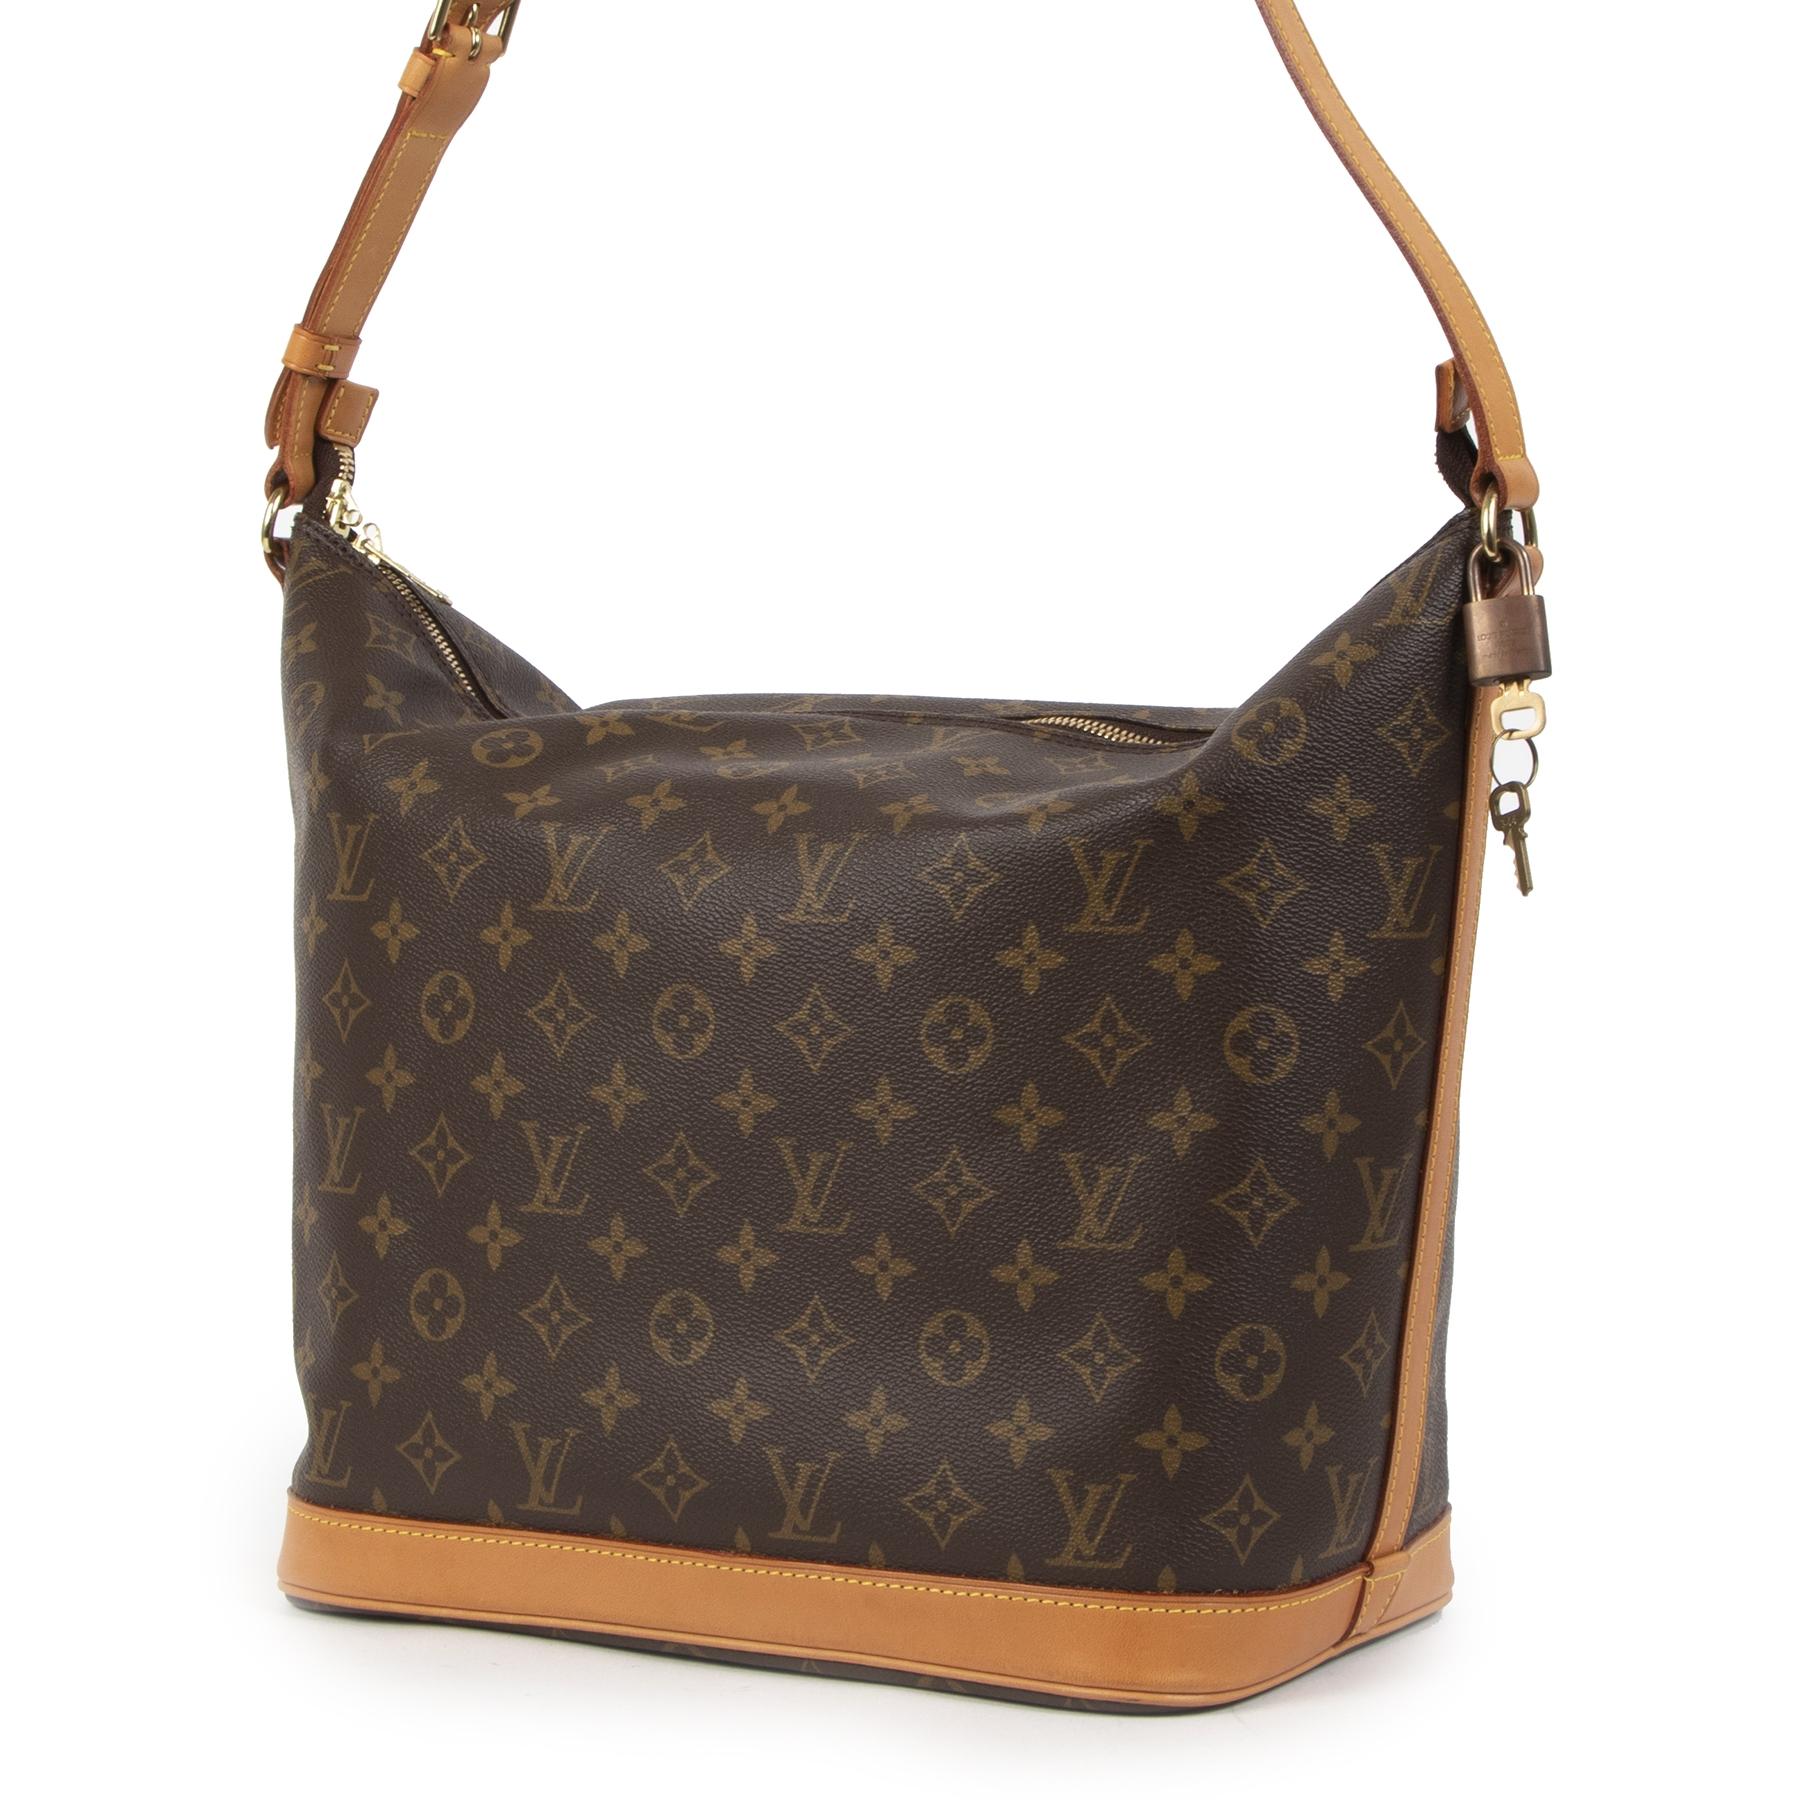 Authentieke Tweedehands Louis Vuitton Monogram Limited Edition Sharon Stone Amfar Bag juiste prijs veilig online shoppen luxe merken webshop winkelen Antwerpen België mode fashion